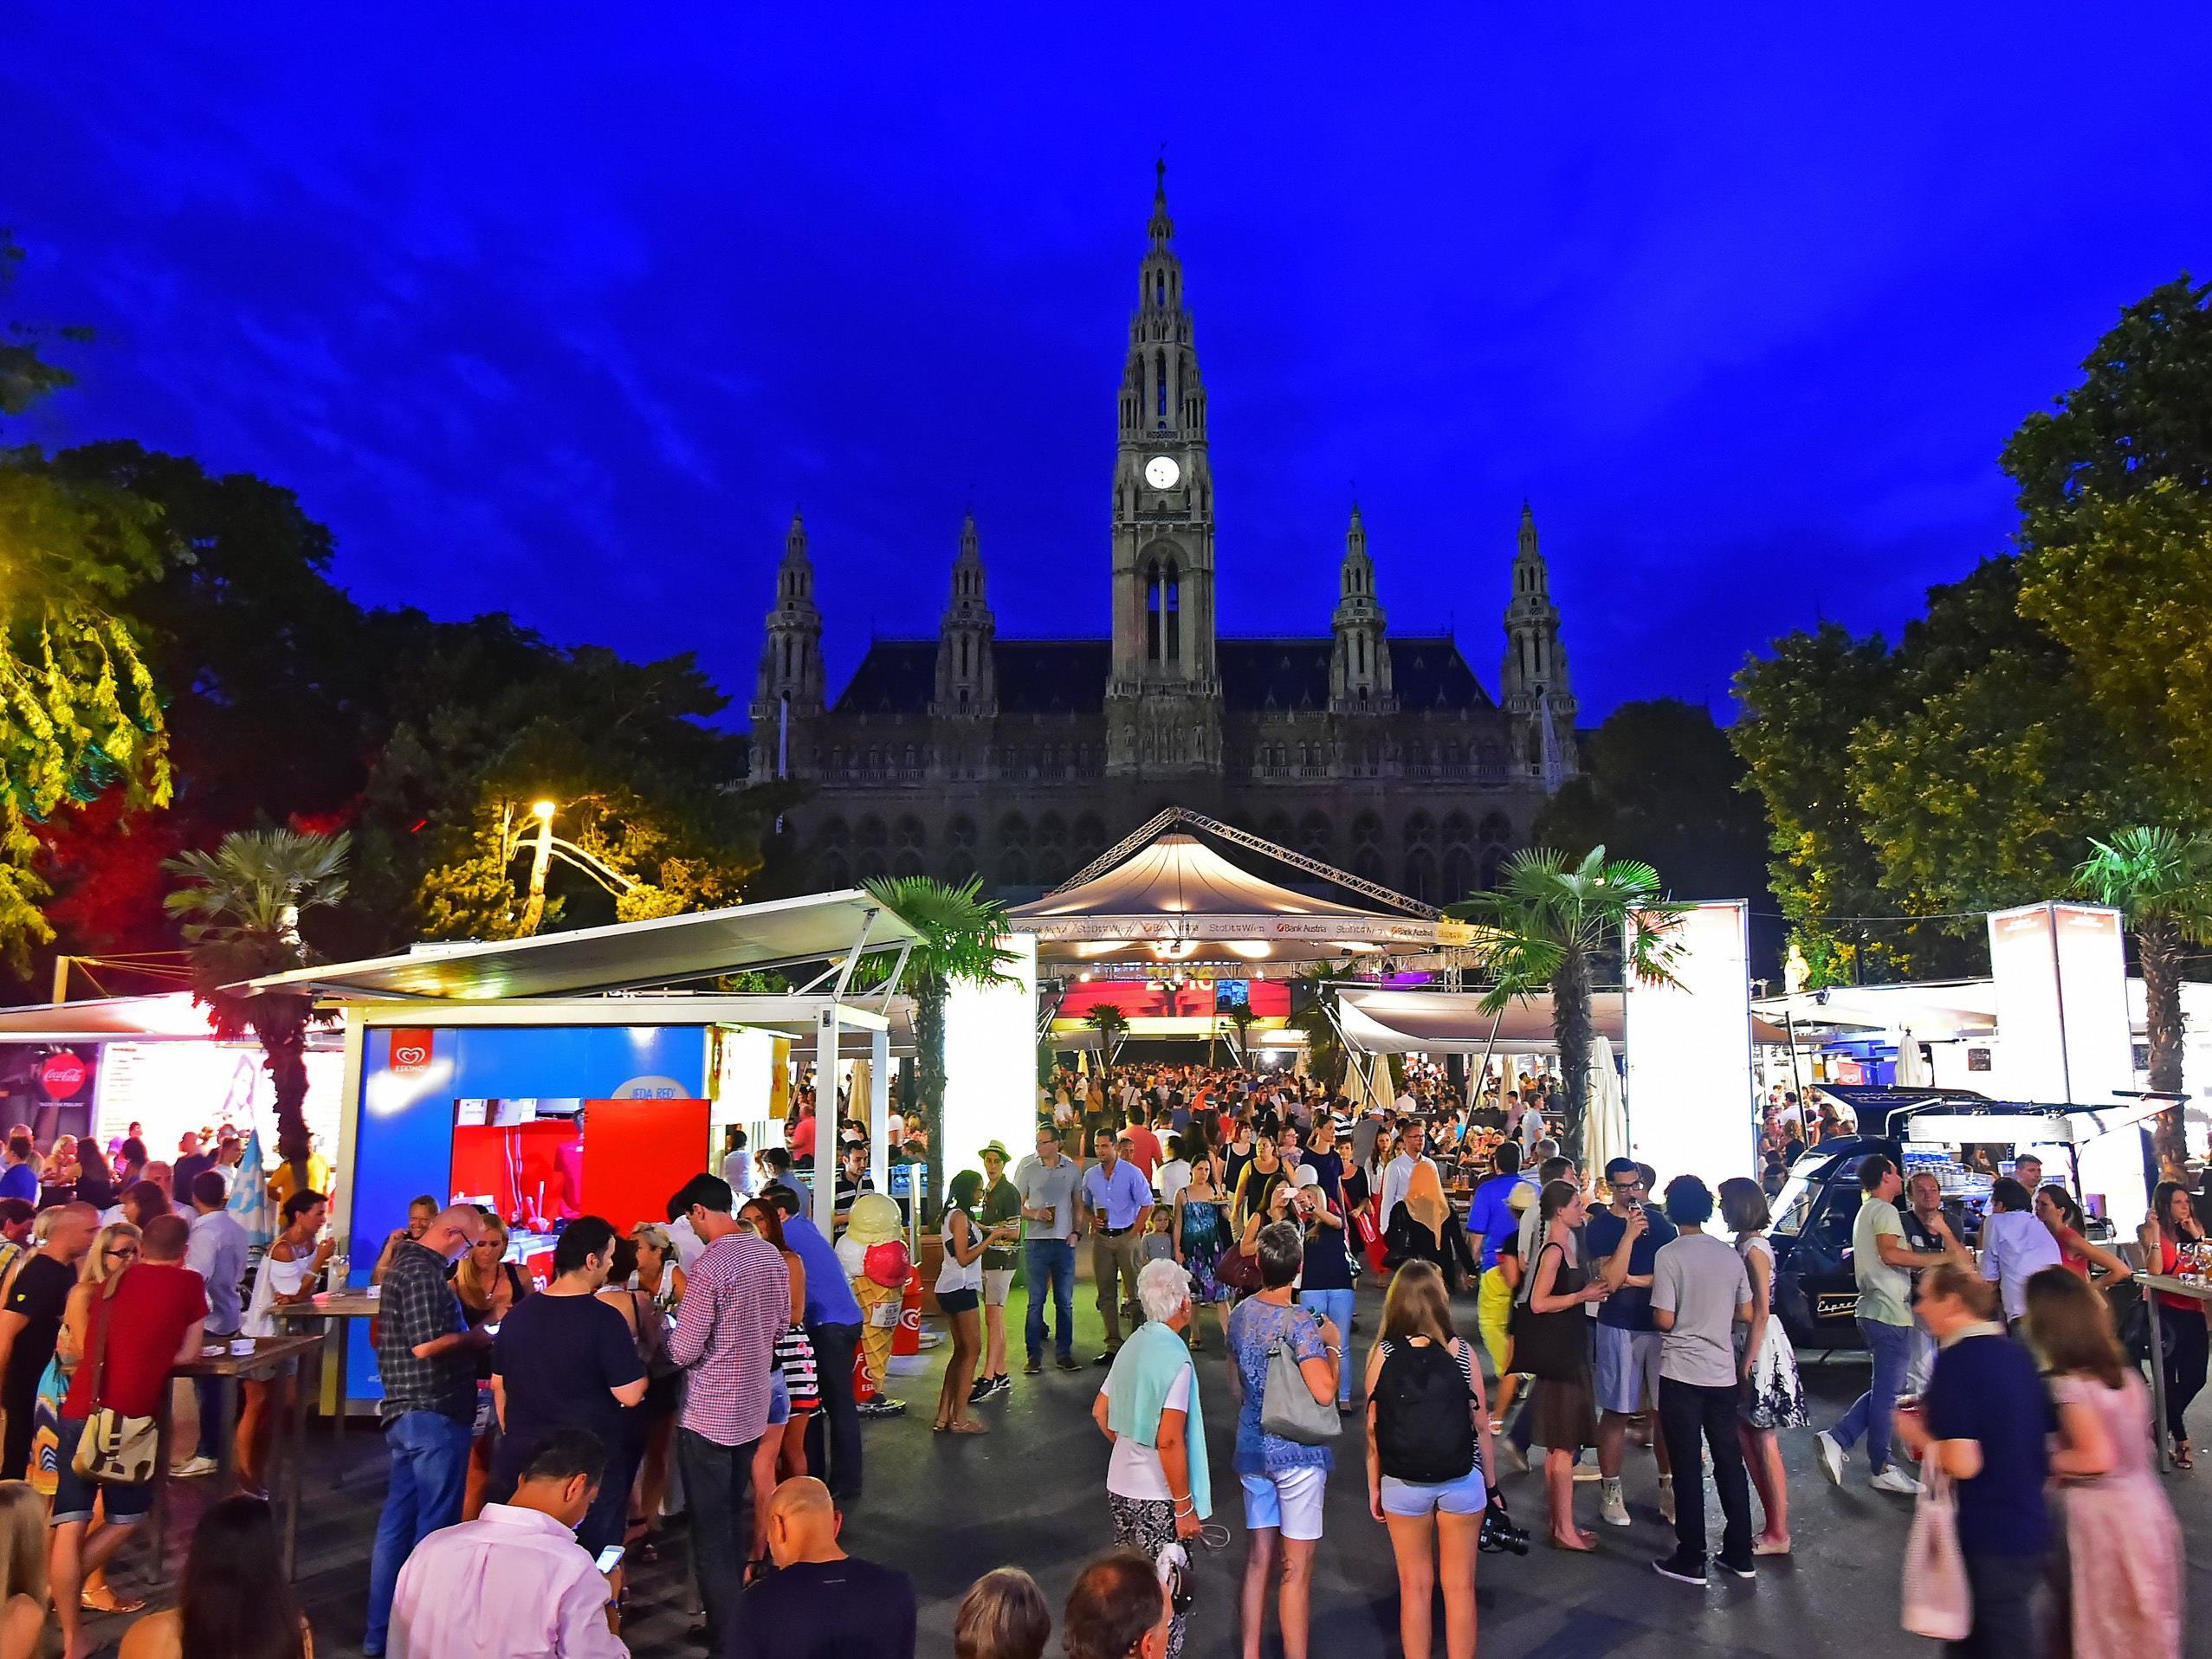 Kulinarik und Kultur beim Filmfestival Rathausplatz.